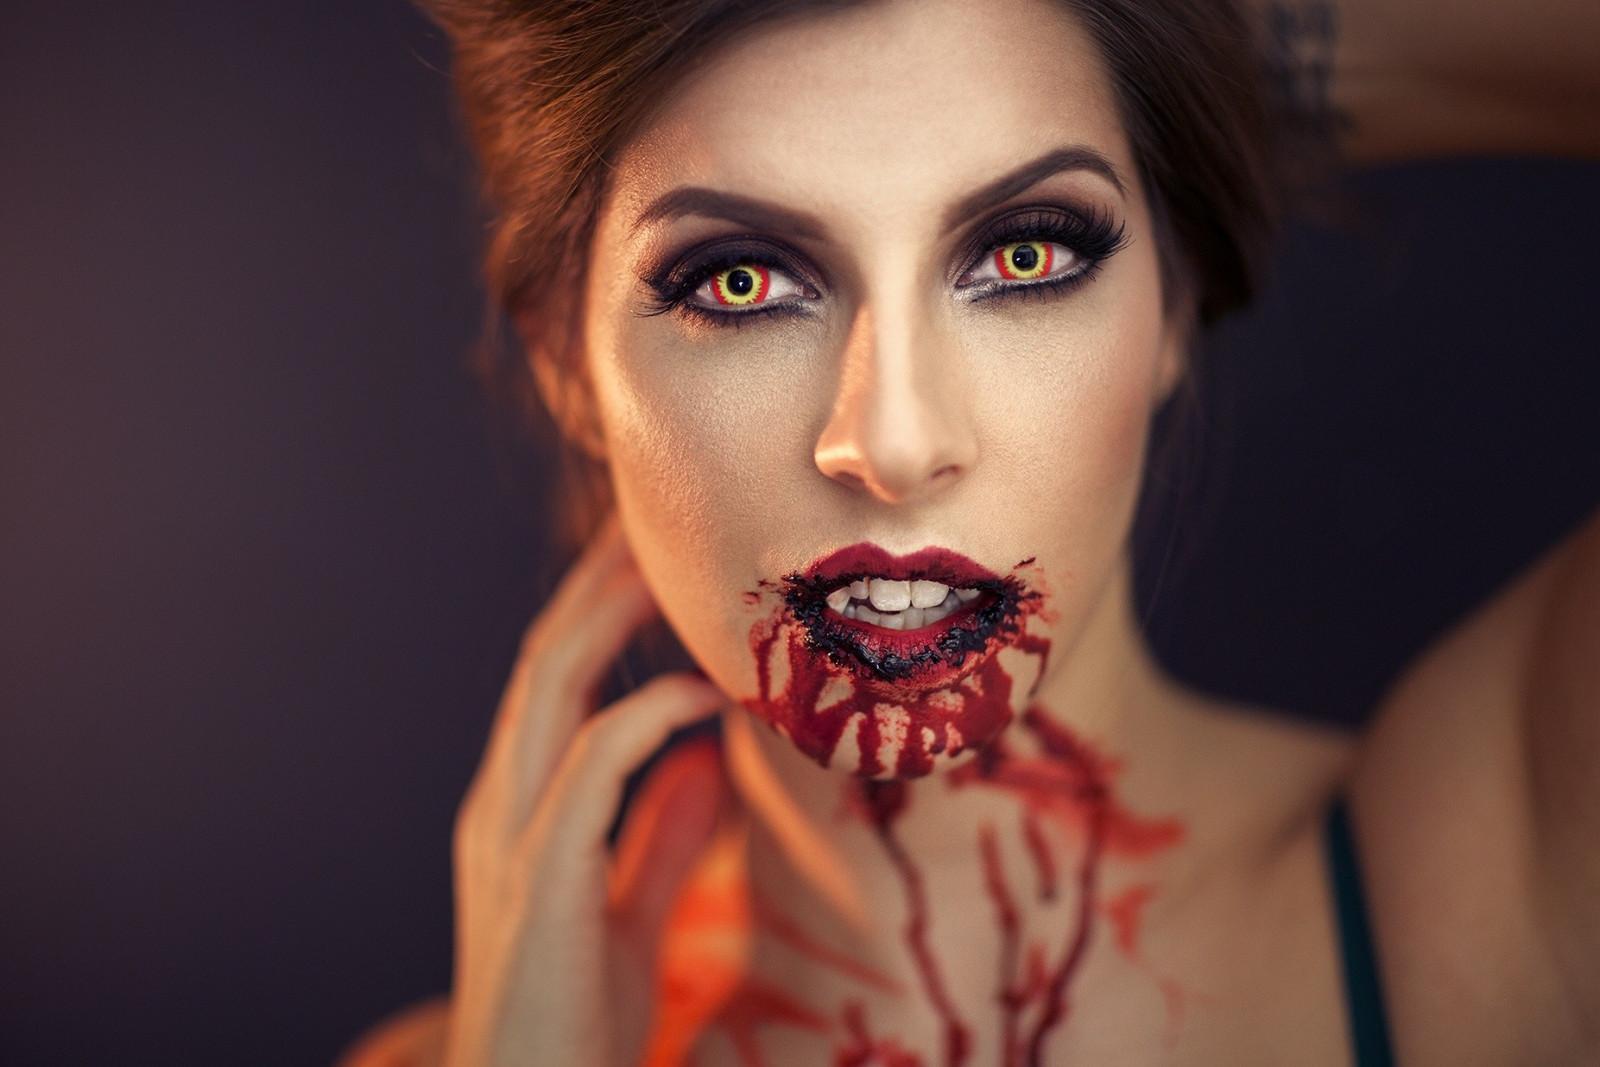 vampire-girls-only-real-desi-hot-girl-boobs